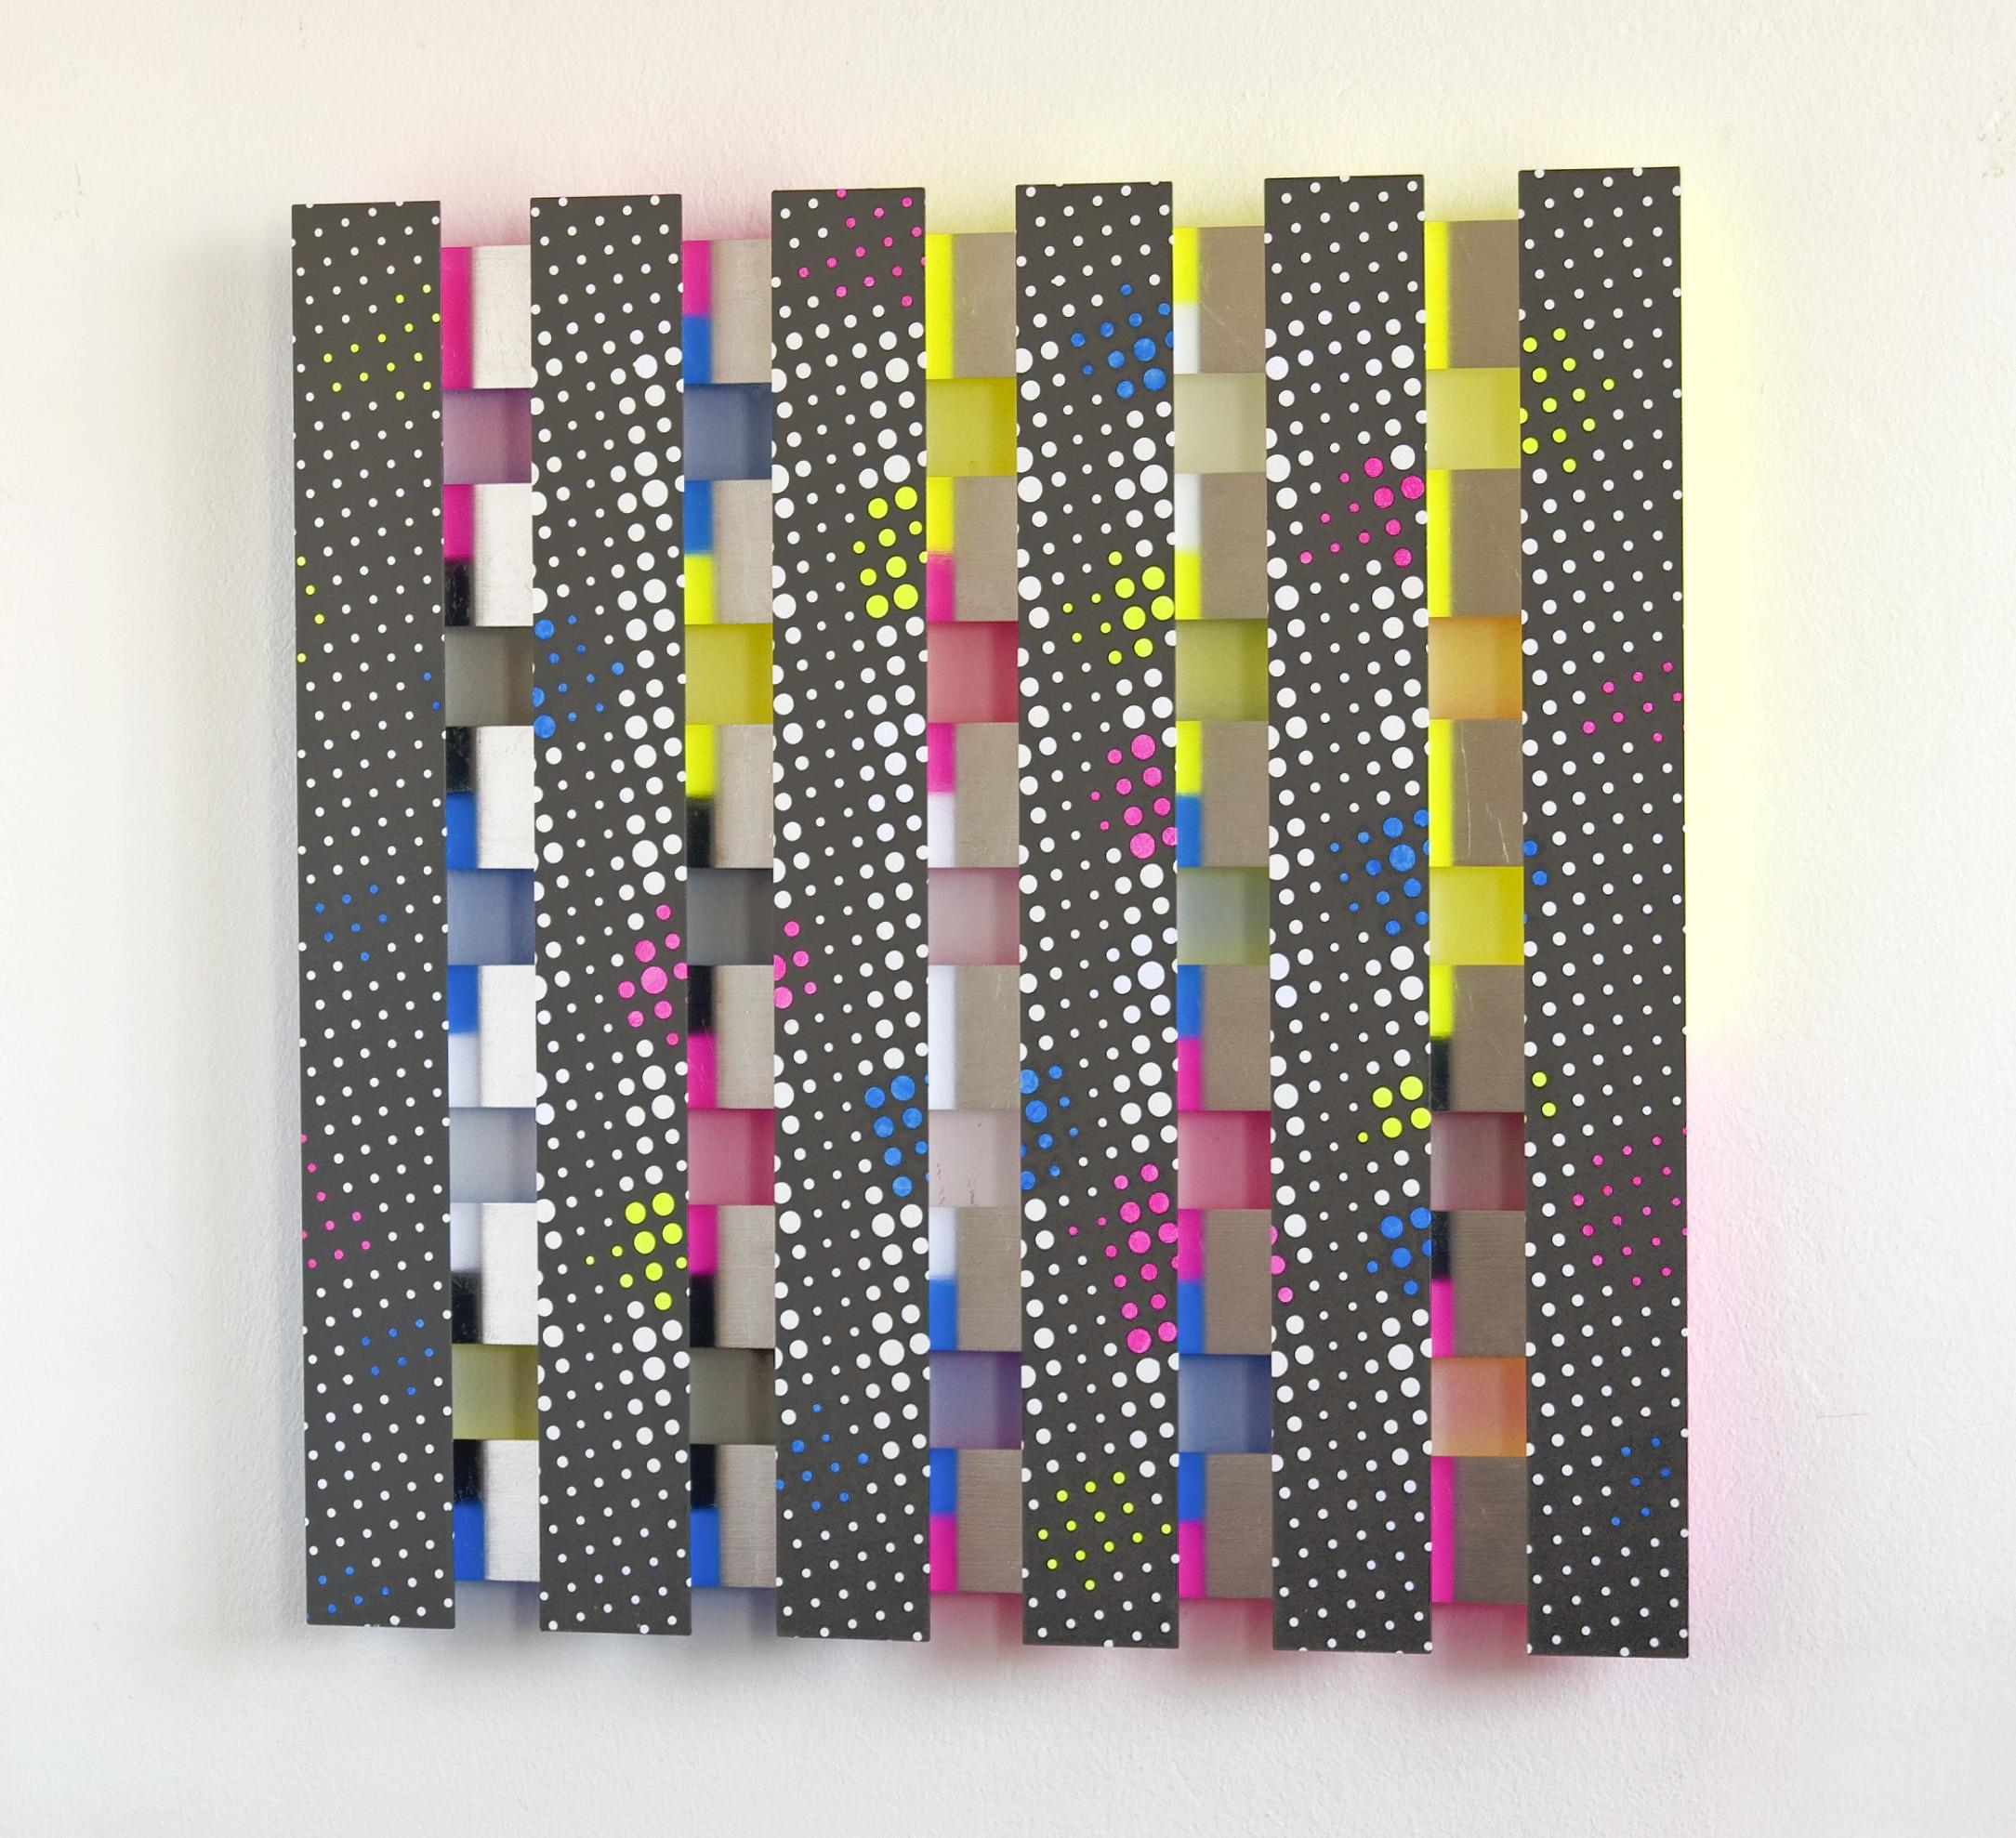 3o akril, les, 79 x 79 cm, 2010.jpg